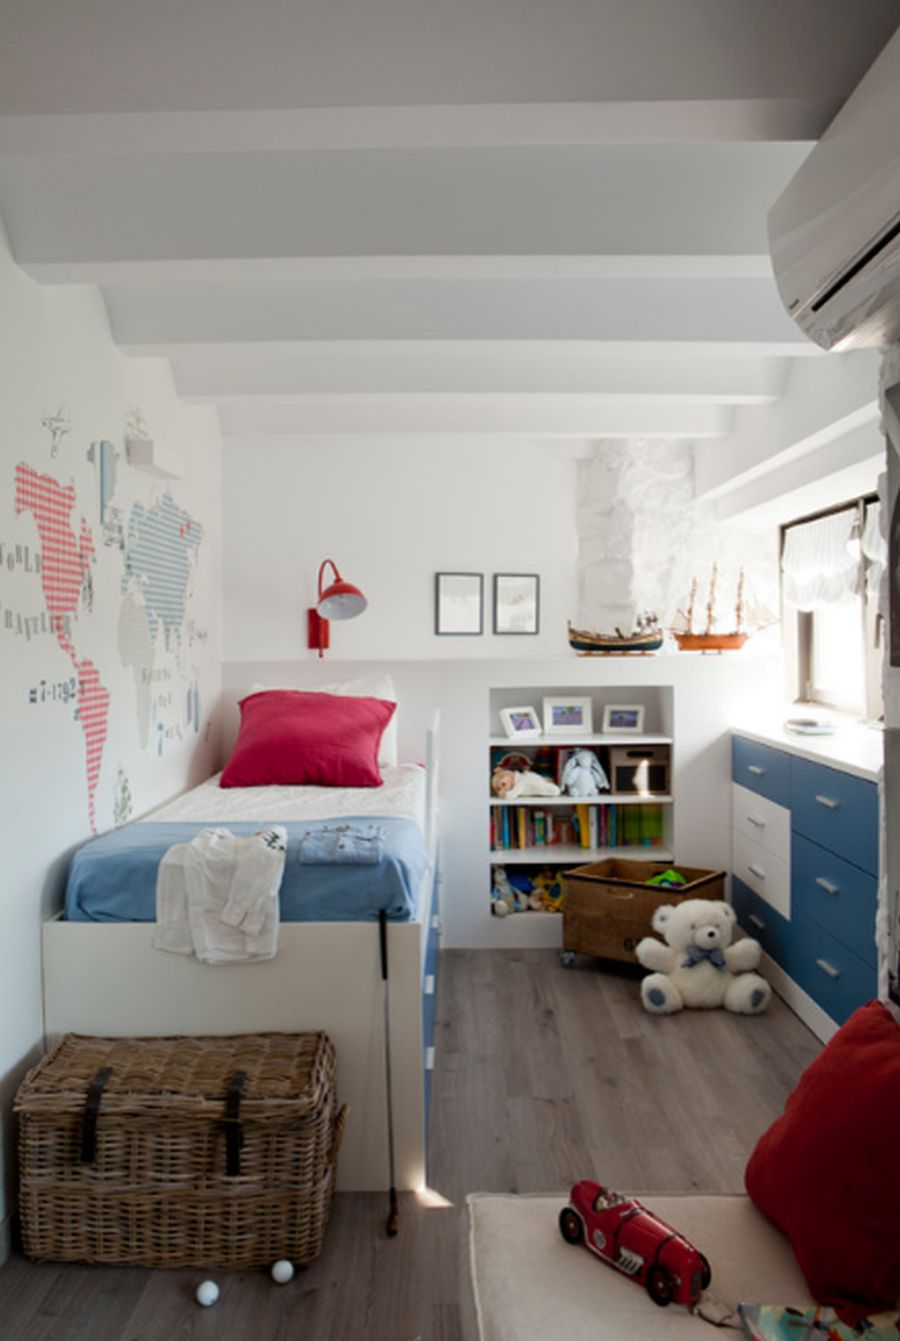 adelaparvu.com despre apartament duplex cu vedere la mare, Costa Brava, designer Pia Capdevila (16)